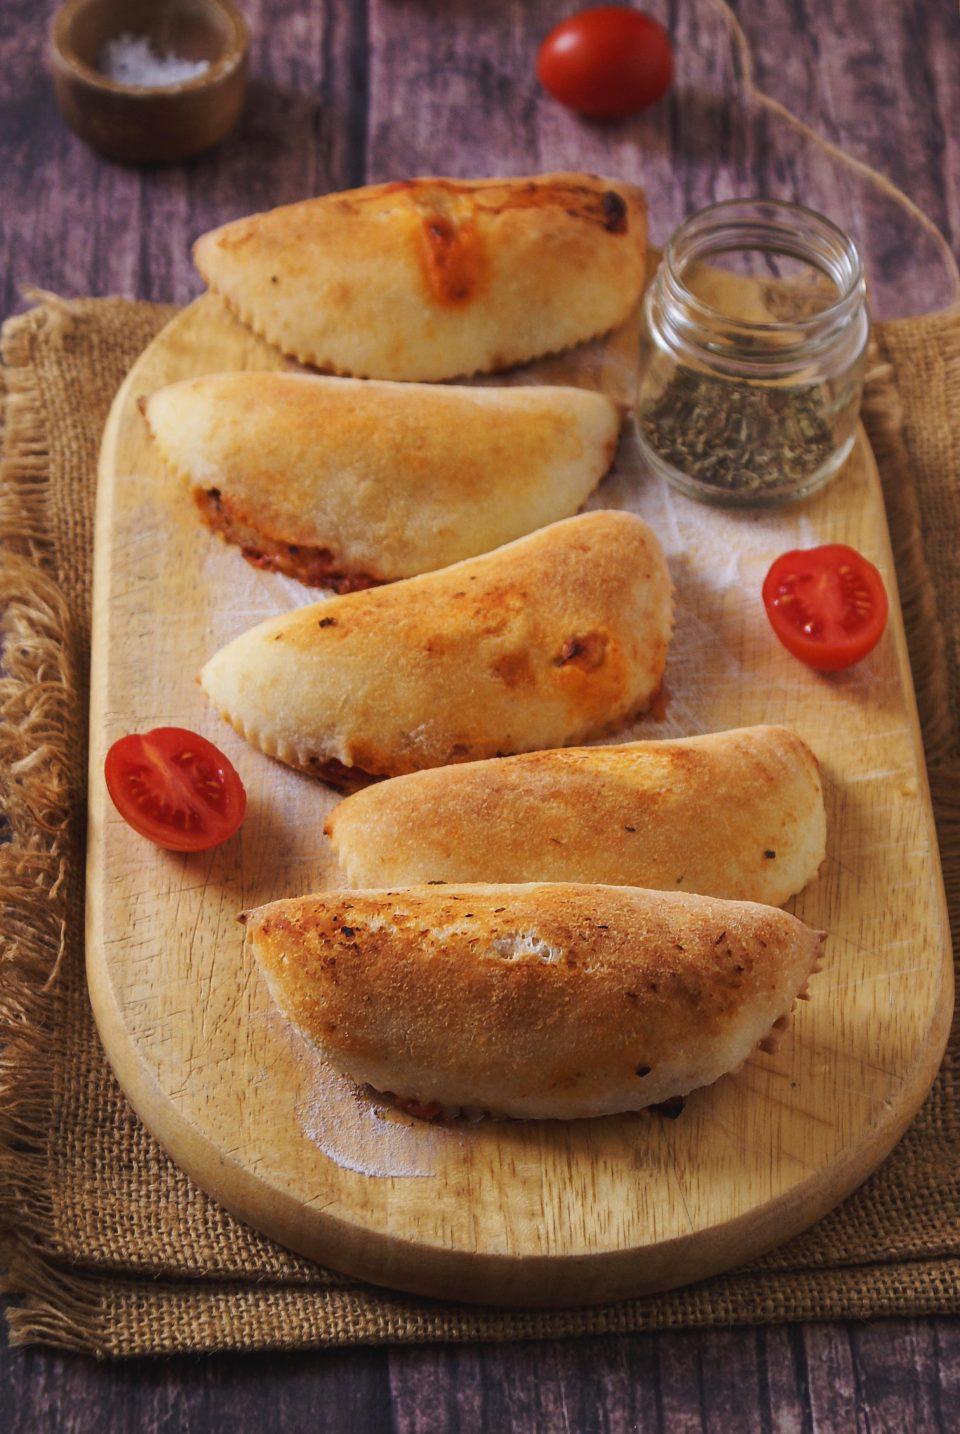 Panzerotti senza glutine cotti al forno ripieni di pomodoro e mozzarella